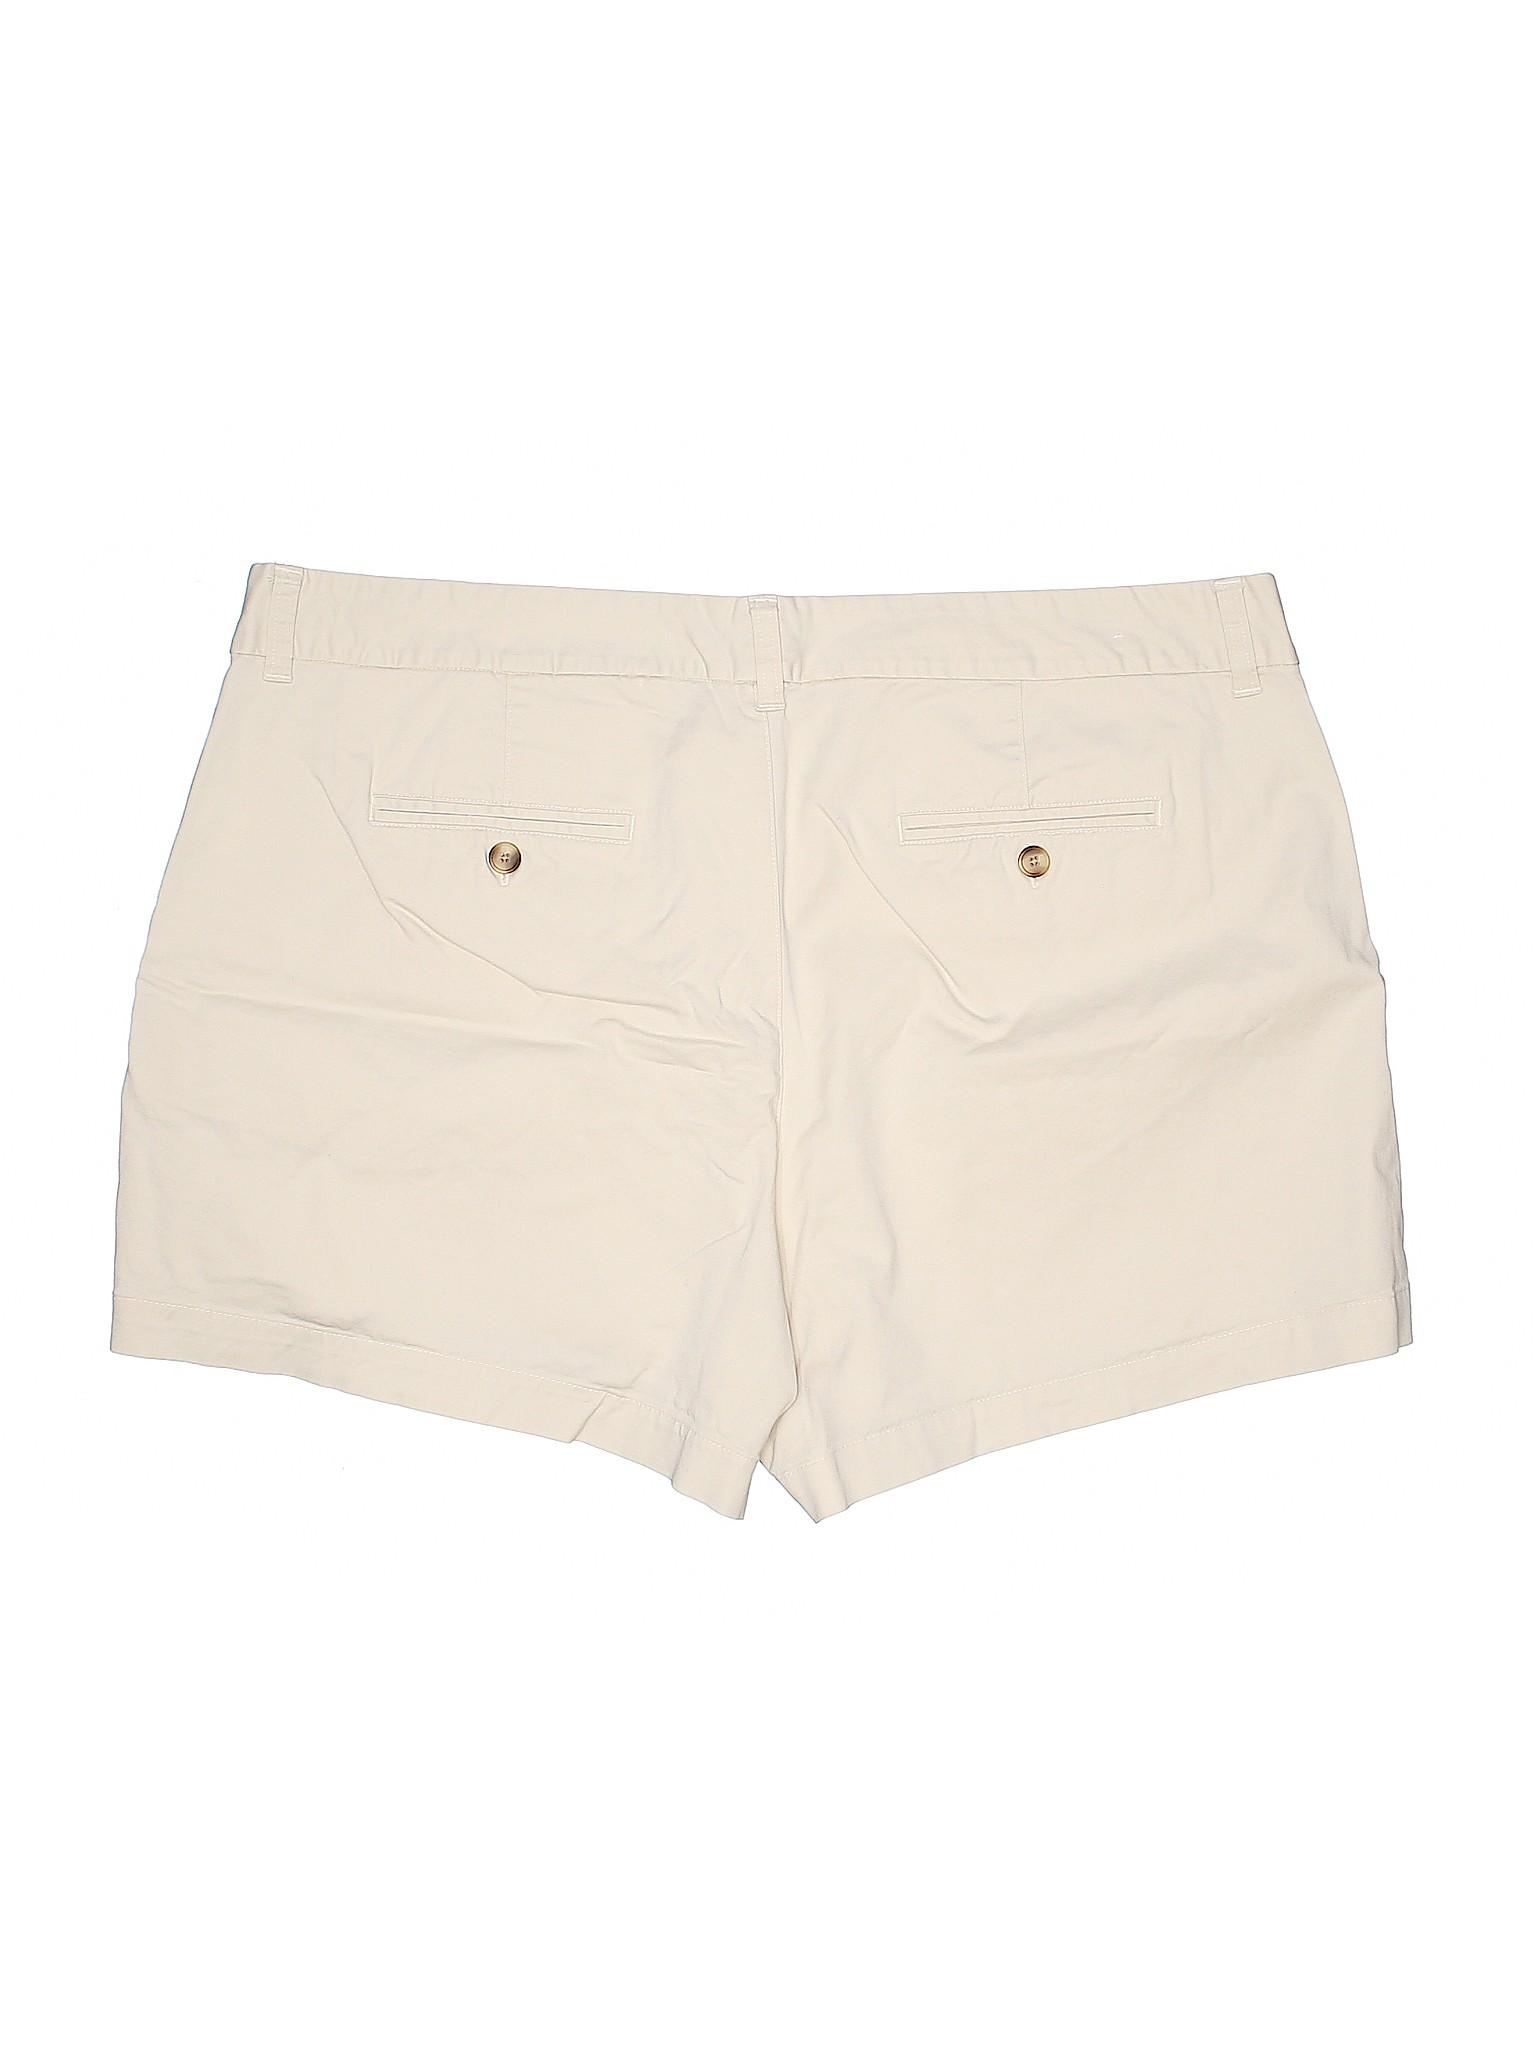 Shorts leisure Gap Boutique Outlet Khaki qIAPdwdnF